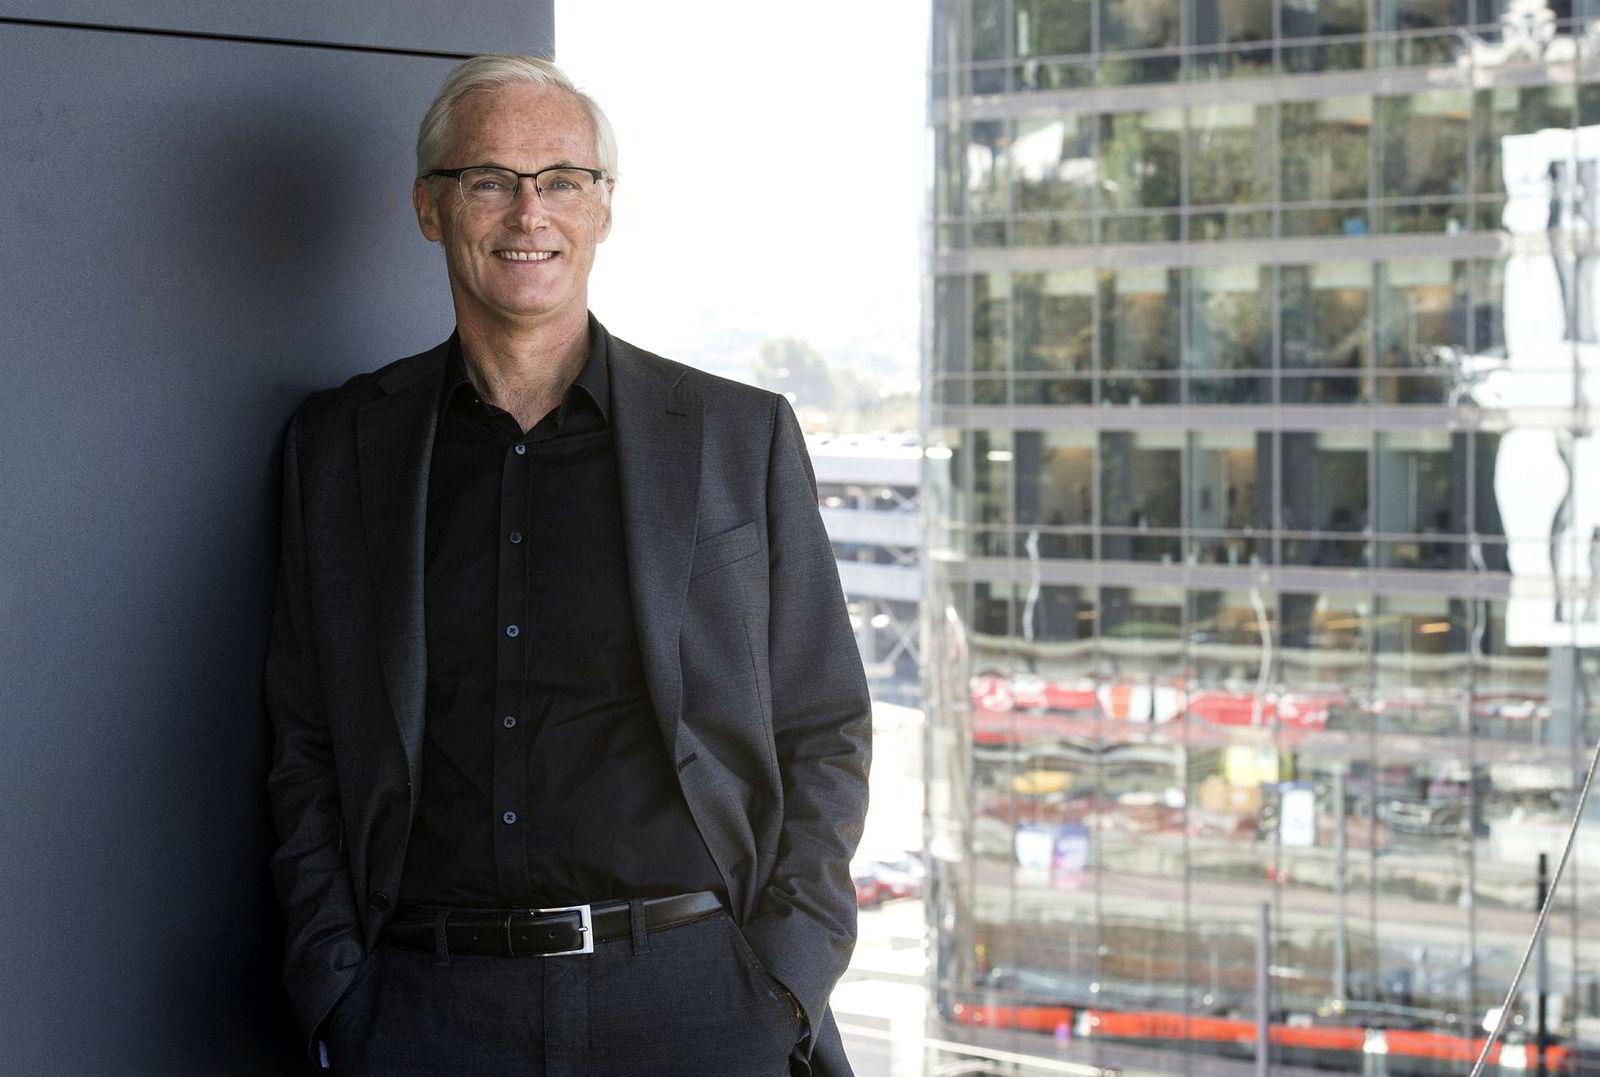 Konkurransedirektør Lars Sørgard varsler gigantbot til Telenor.